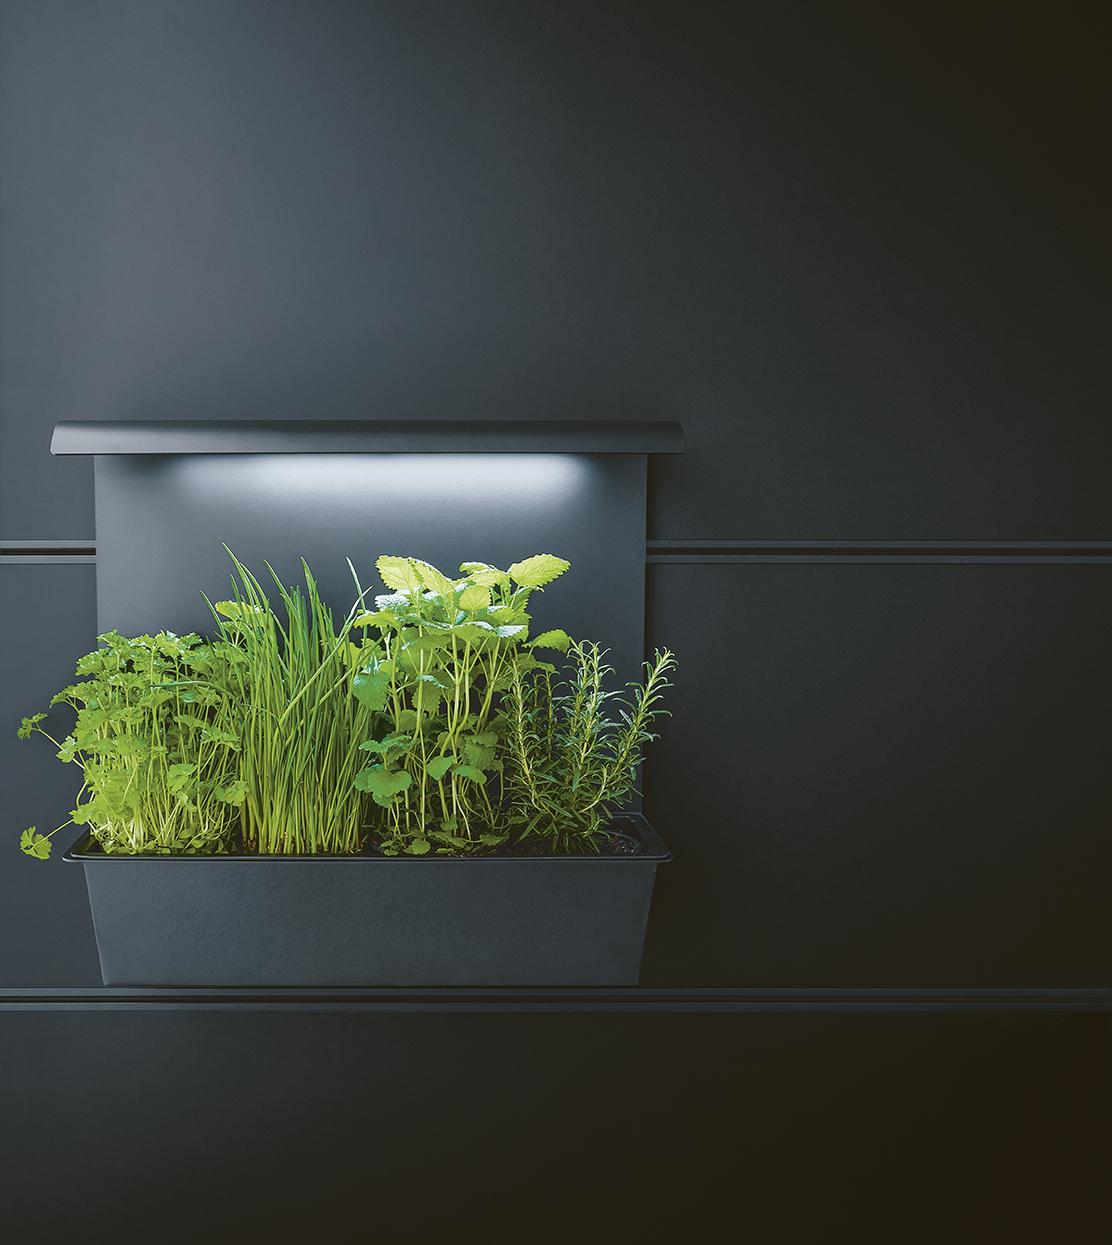 Décoration plante pour cuisine moderne épurée annecy Next125